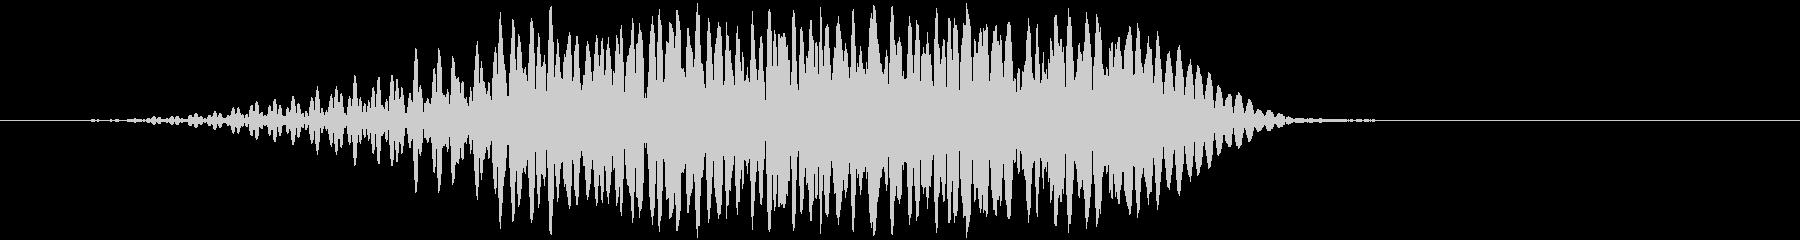 エレクトロパワーヒューシュの未再生の波形